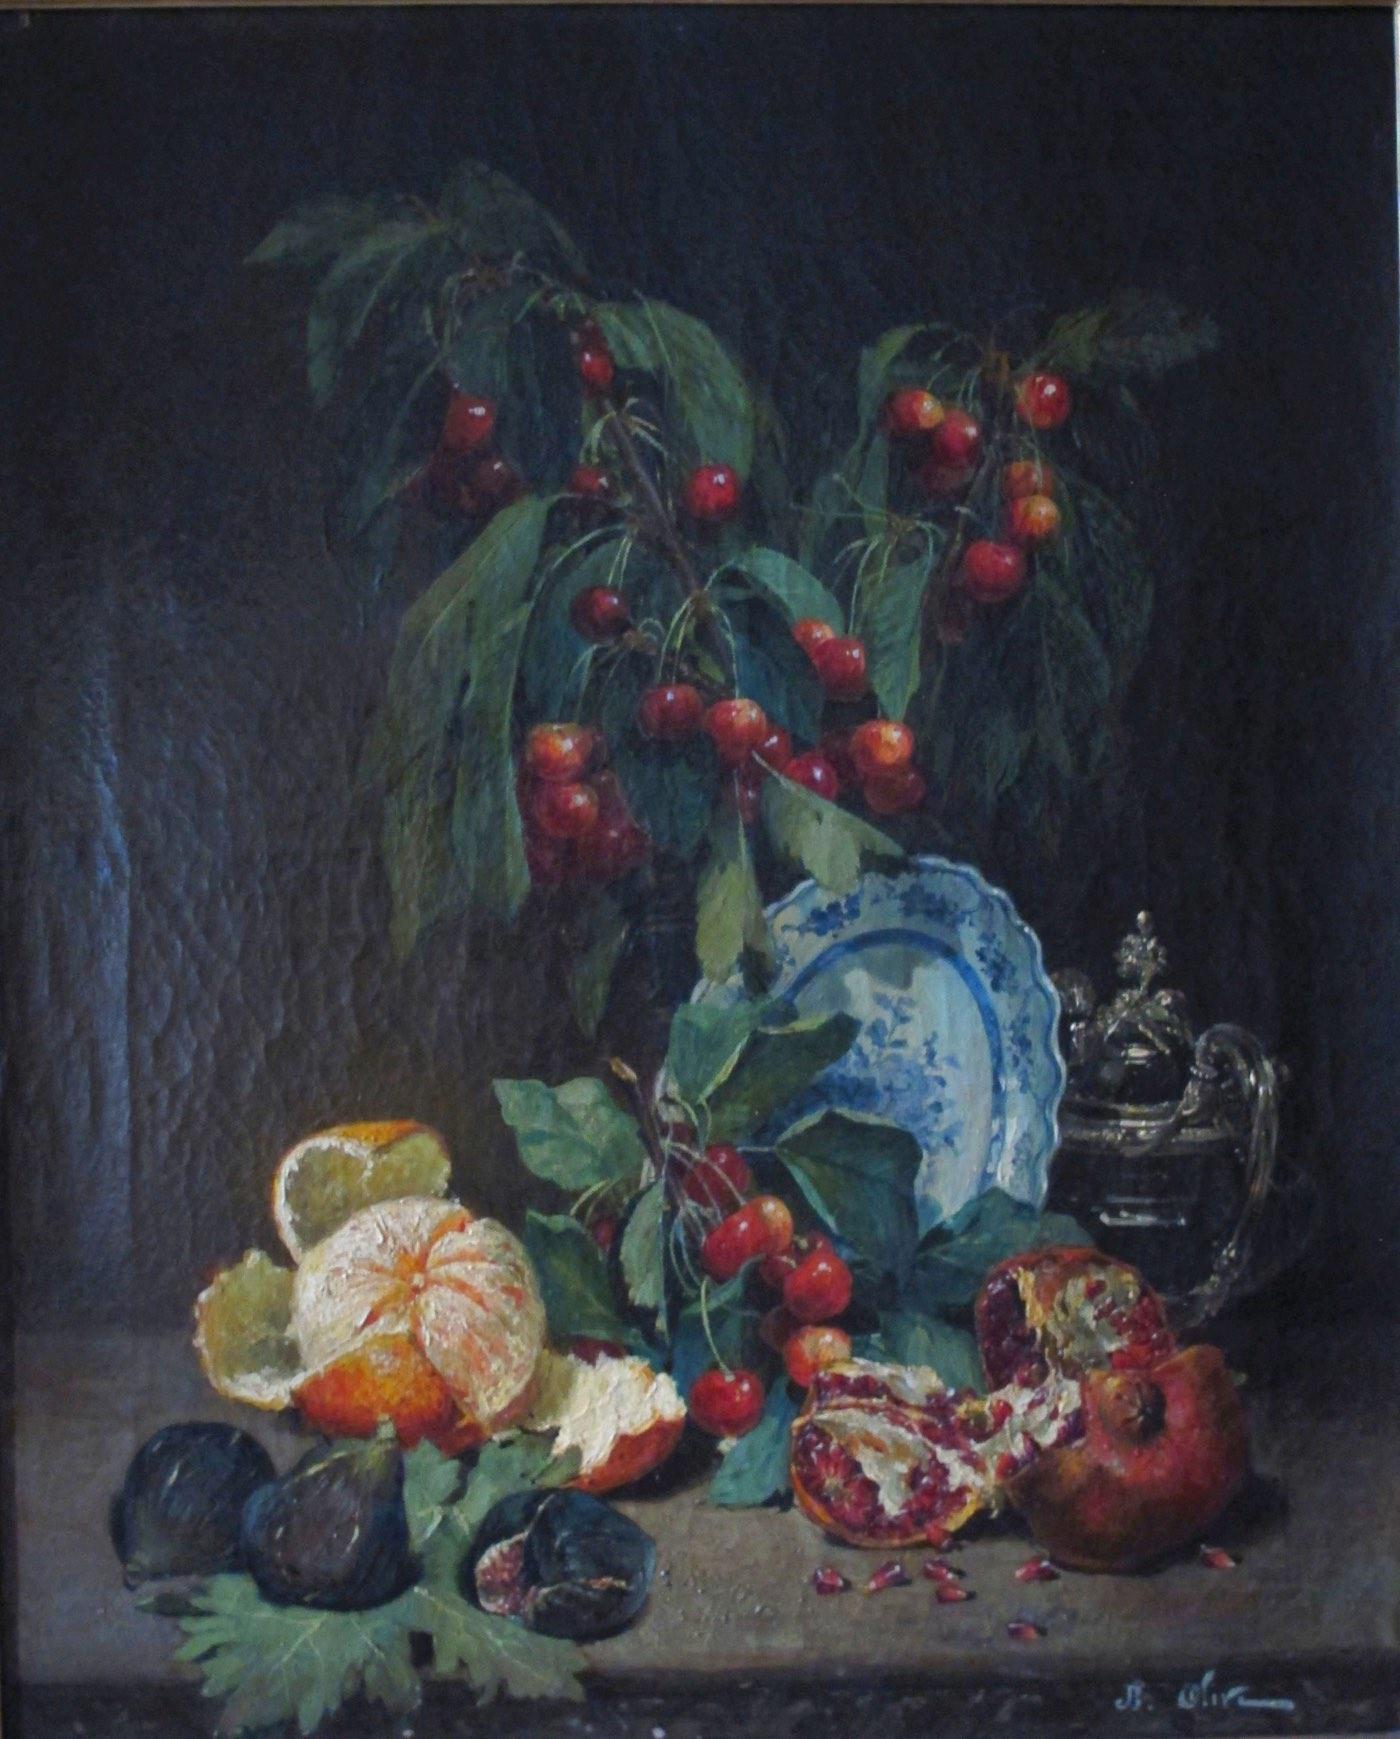 Jean-Baptiste_Olive_-_Nature_morte_à_la_grenade,_à_l'orange,_aux_cerises_et_aux_figues